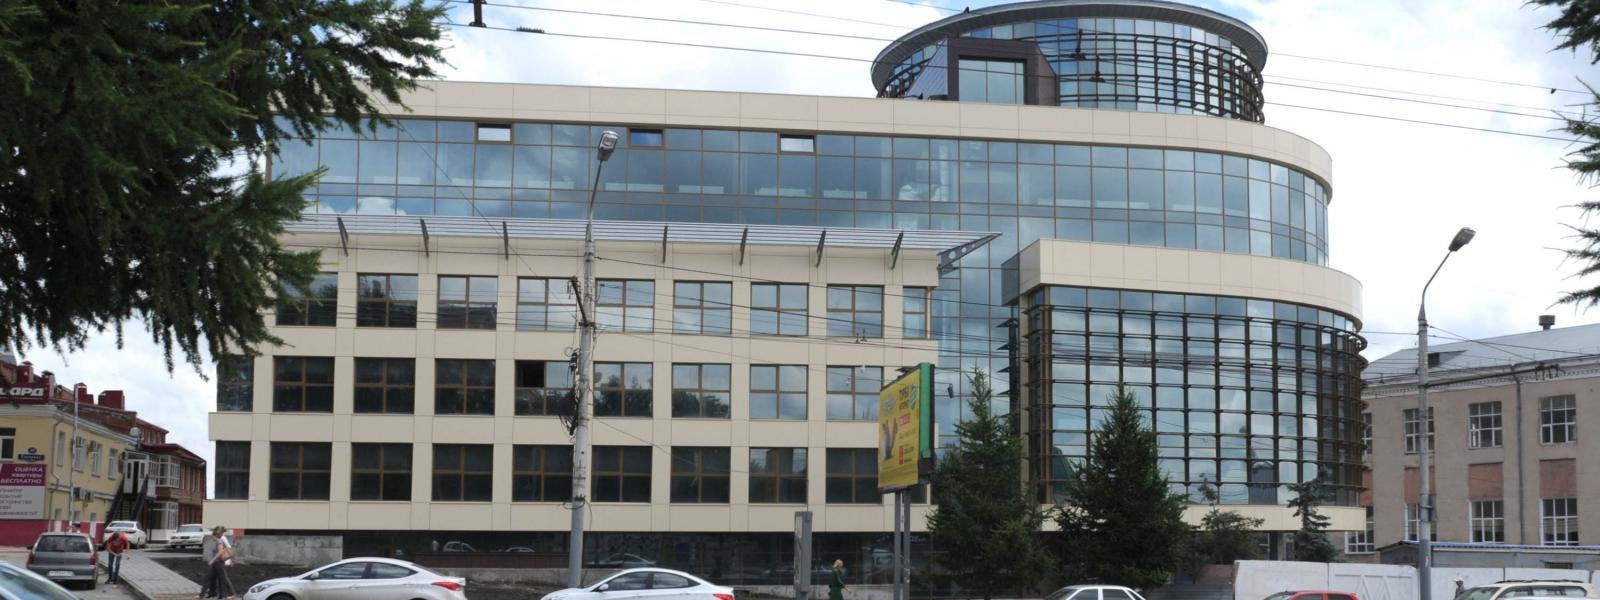 work-Общественно-деловой комплекс в ЦАО города Омска